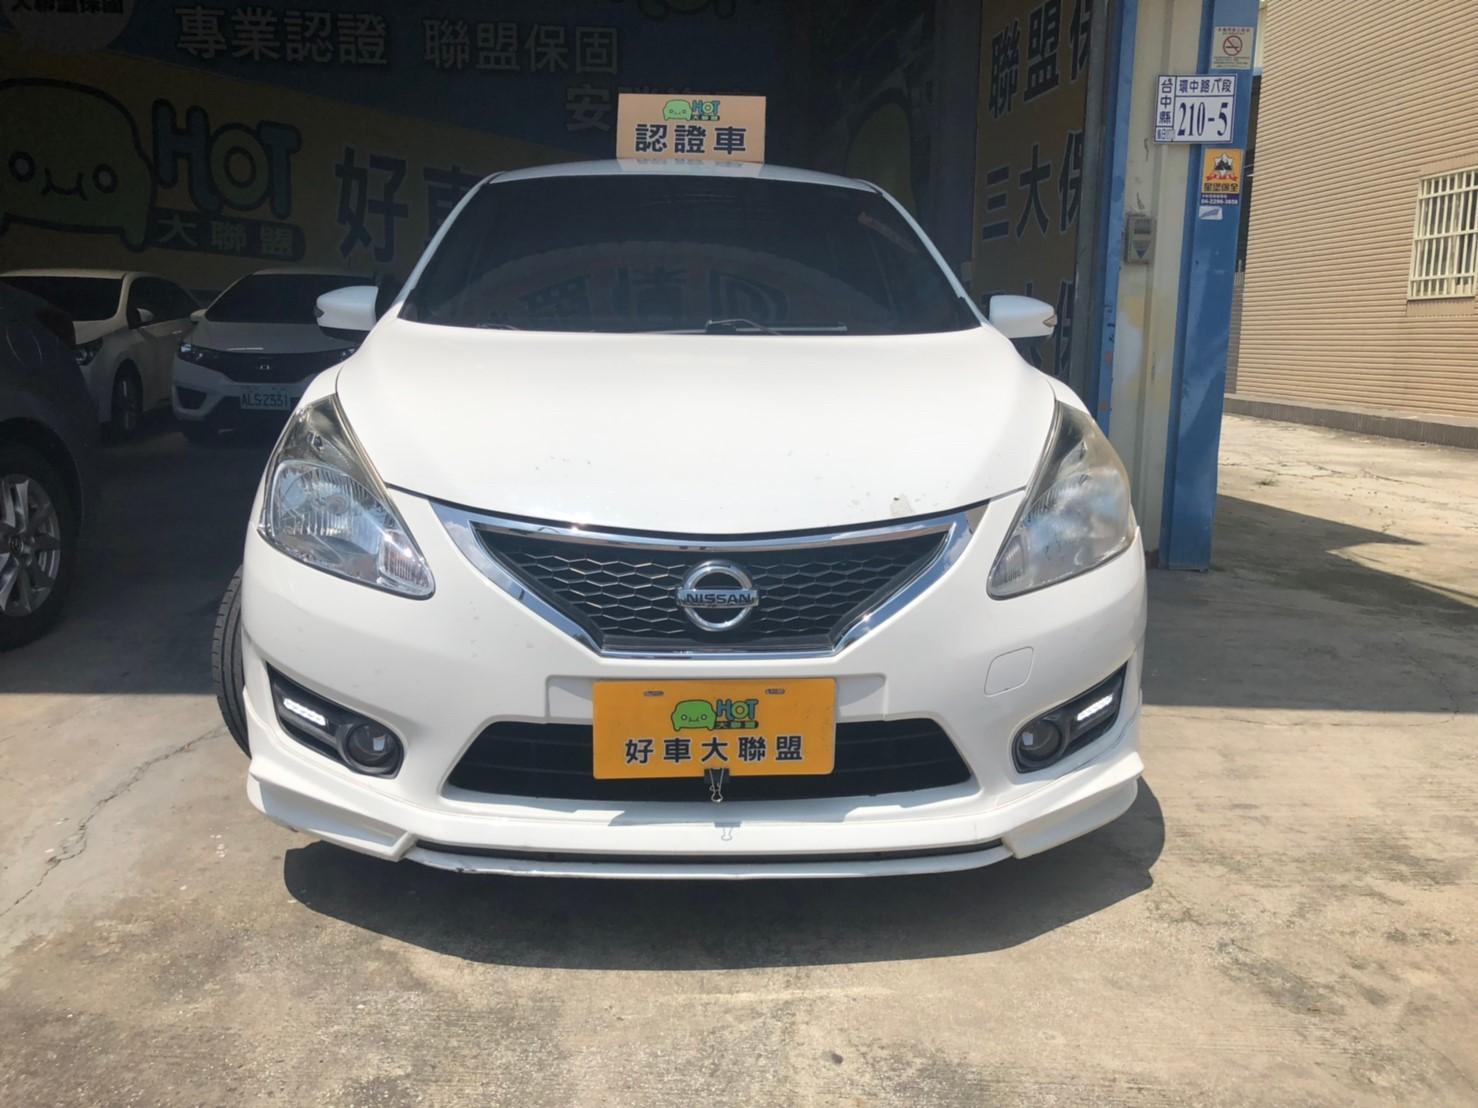 2014 Nissan 日產 Tiida